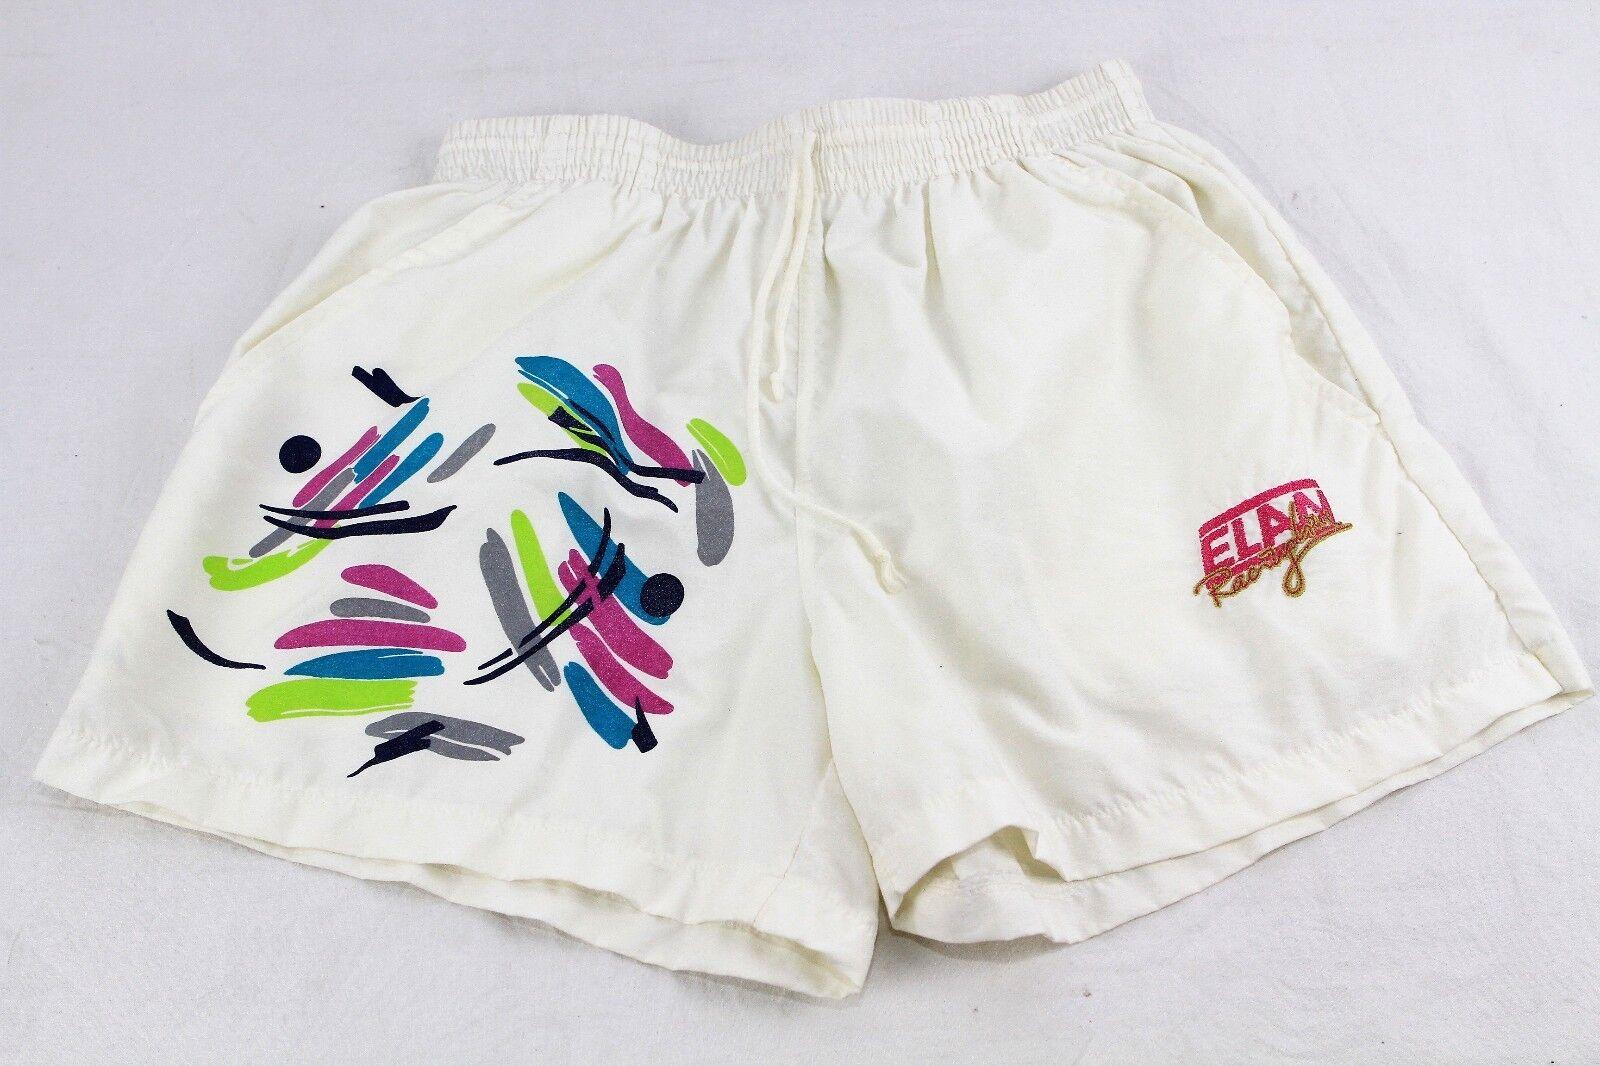 Vintage 1980s Jahre Elan Sport Shorts weiß weiß weiß größe EU 48 UK 14 333 R | Attraktiv Und Langlebig  | Verkauf  | Gemäßigten Kosten  | Günstige Preise  | Großhandel  c4df80